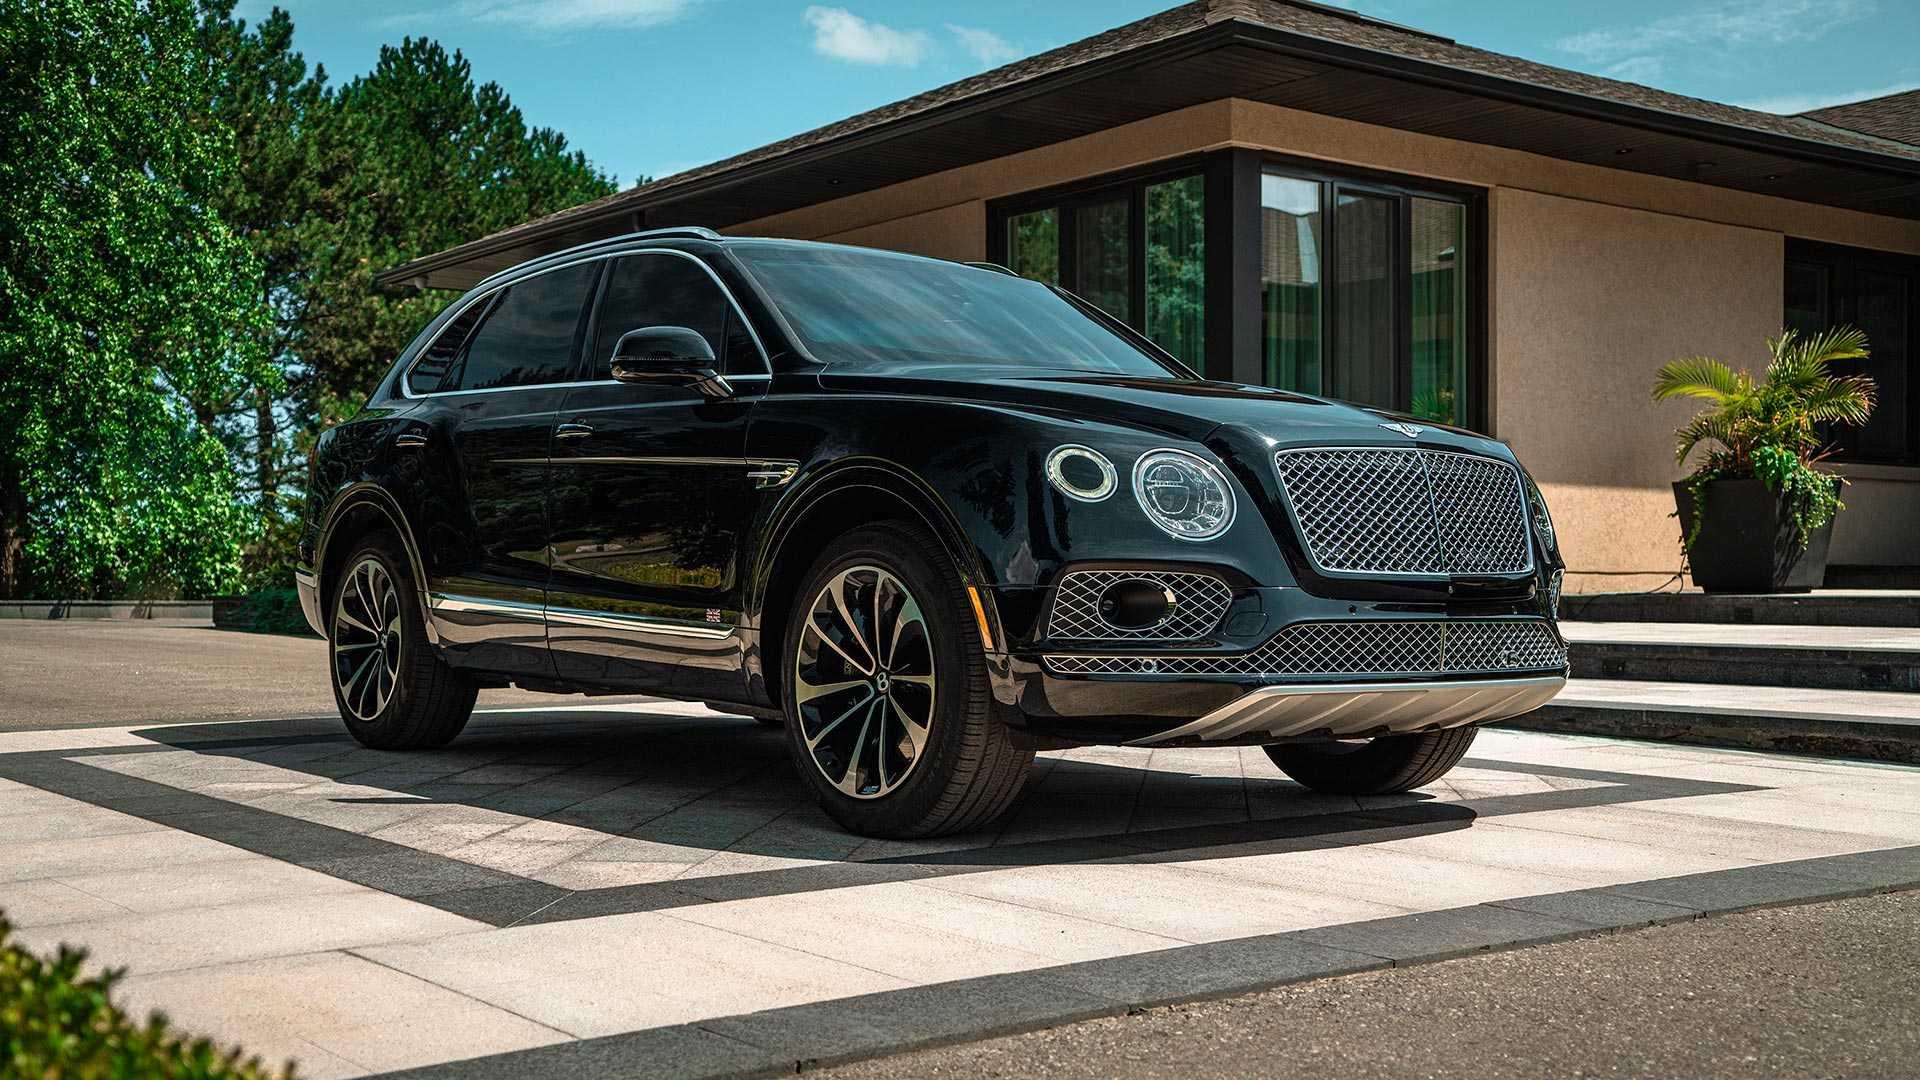 SUV siêu sang Bentley Bentayga phiên bản bọc thép - 12